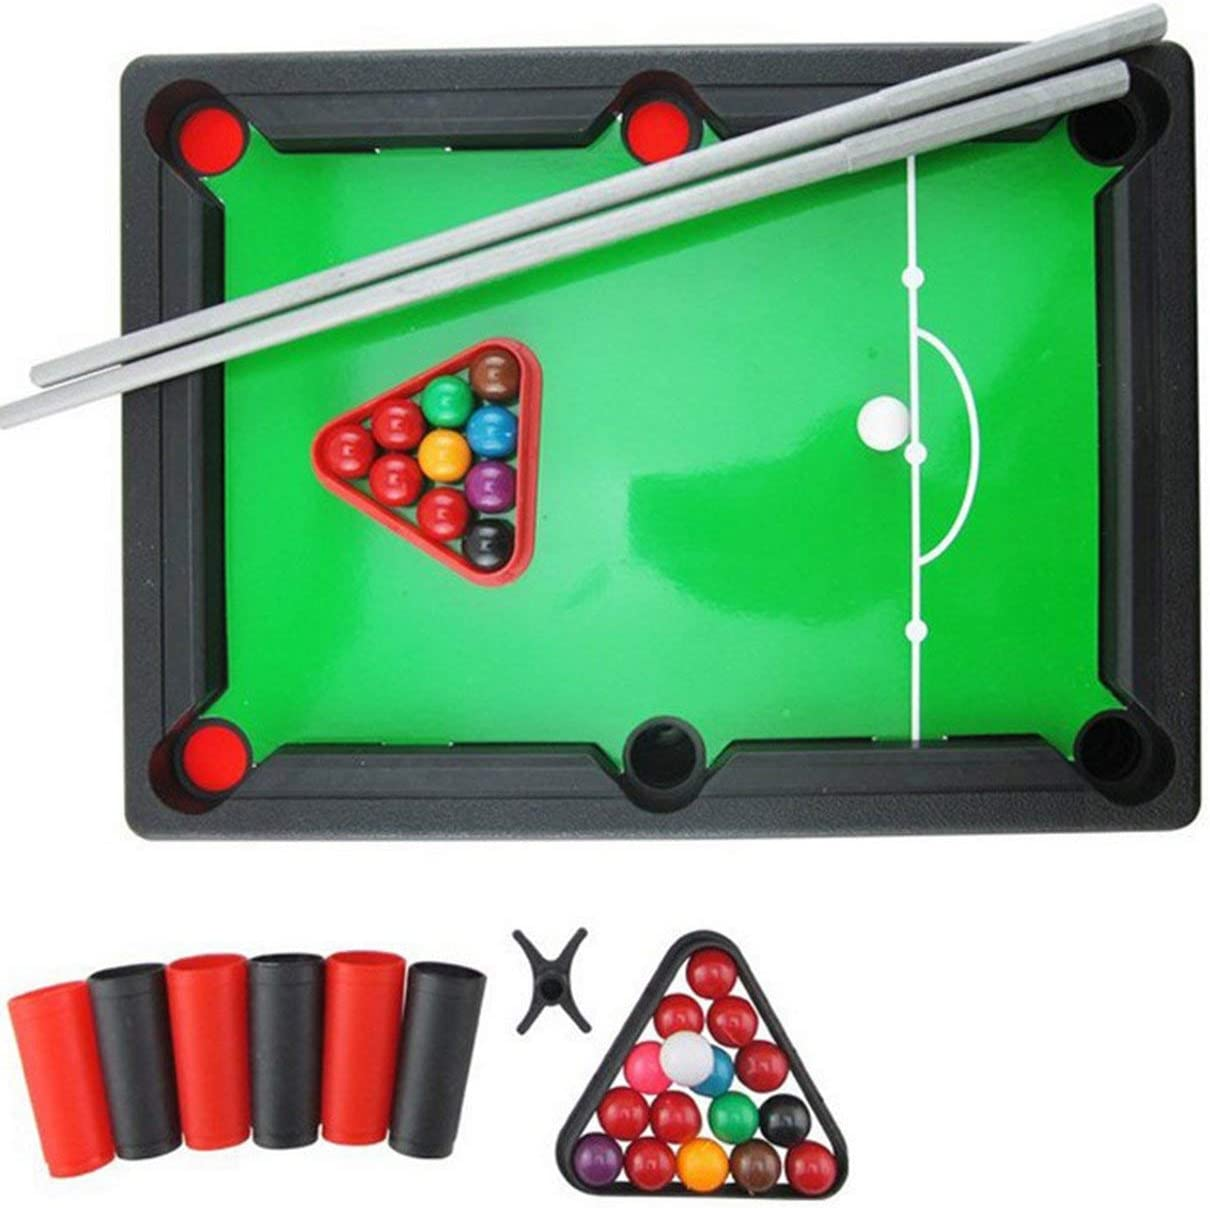 ShenyKan Mini American Billiard Pool Room Juegos de mesa Juguetes deportivos Juguetes educativos para niños Entrenamiento de ojos y manos 1 juego: Amazon.es: Bebé